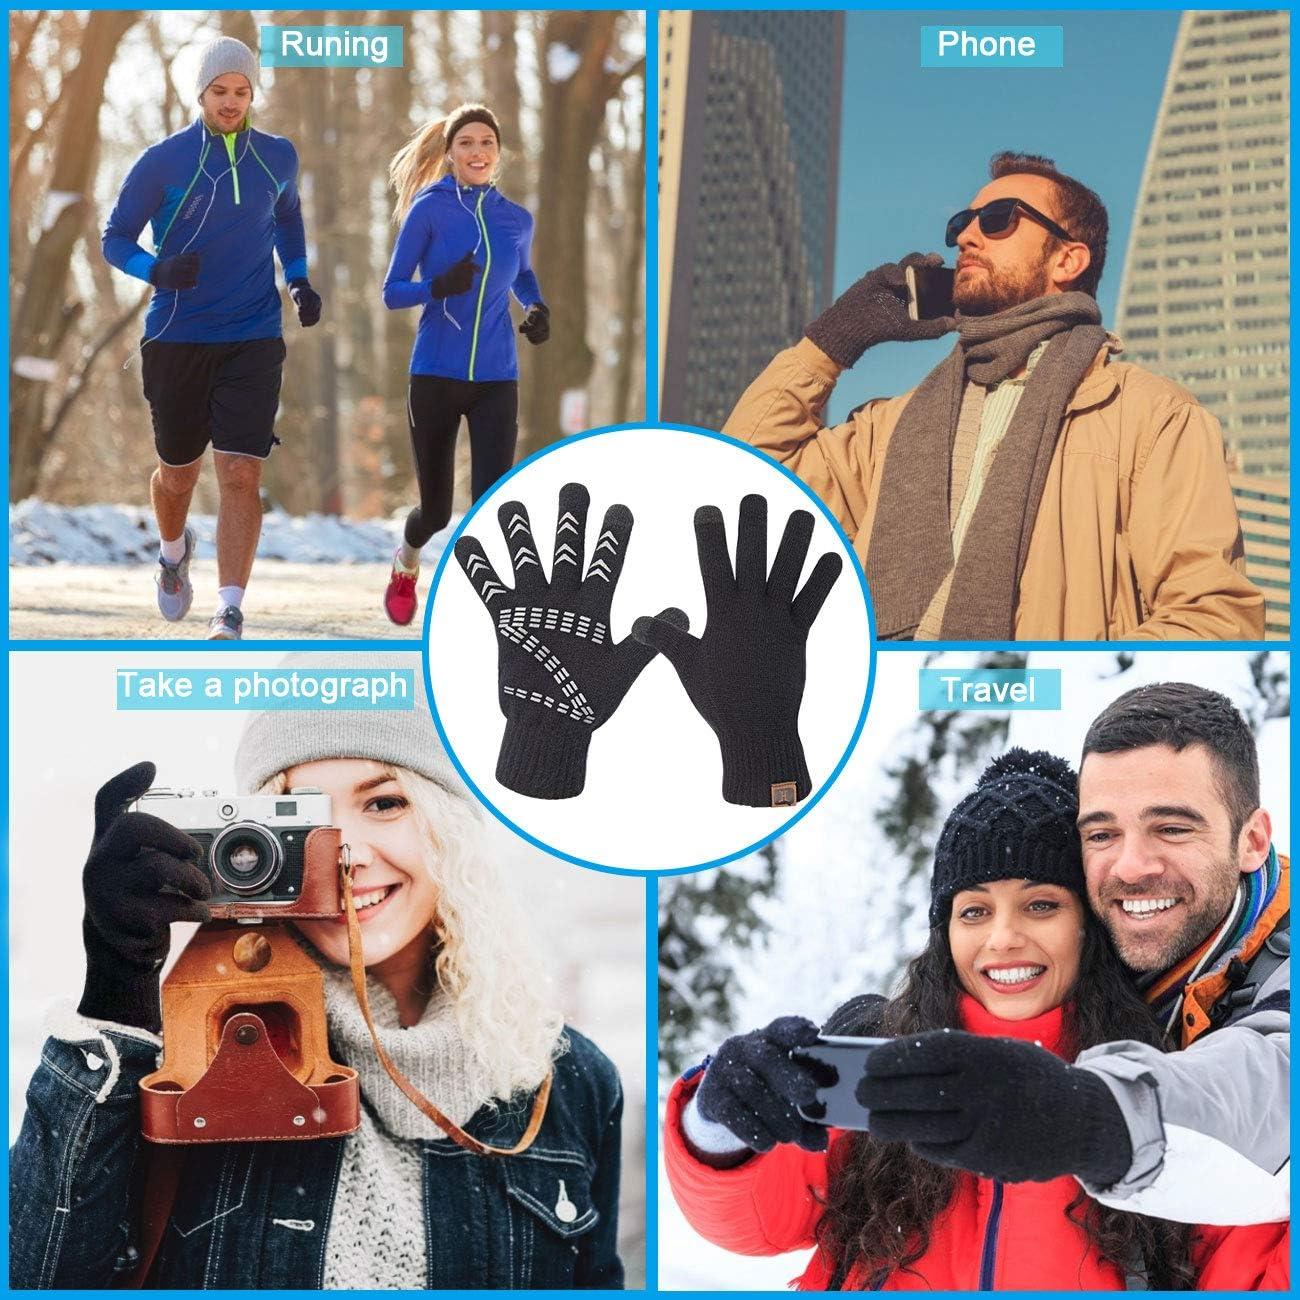 Perfetto per Mandare Messaggio Digitare Smartphone Guanti Touch Screen da 24cm per Uomo e Donna Unisex Maylisacc Guanti a Maglia Termiche Invernale